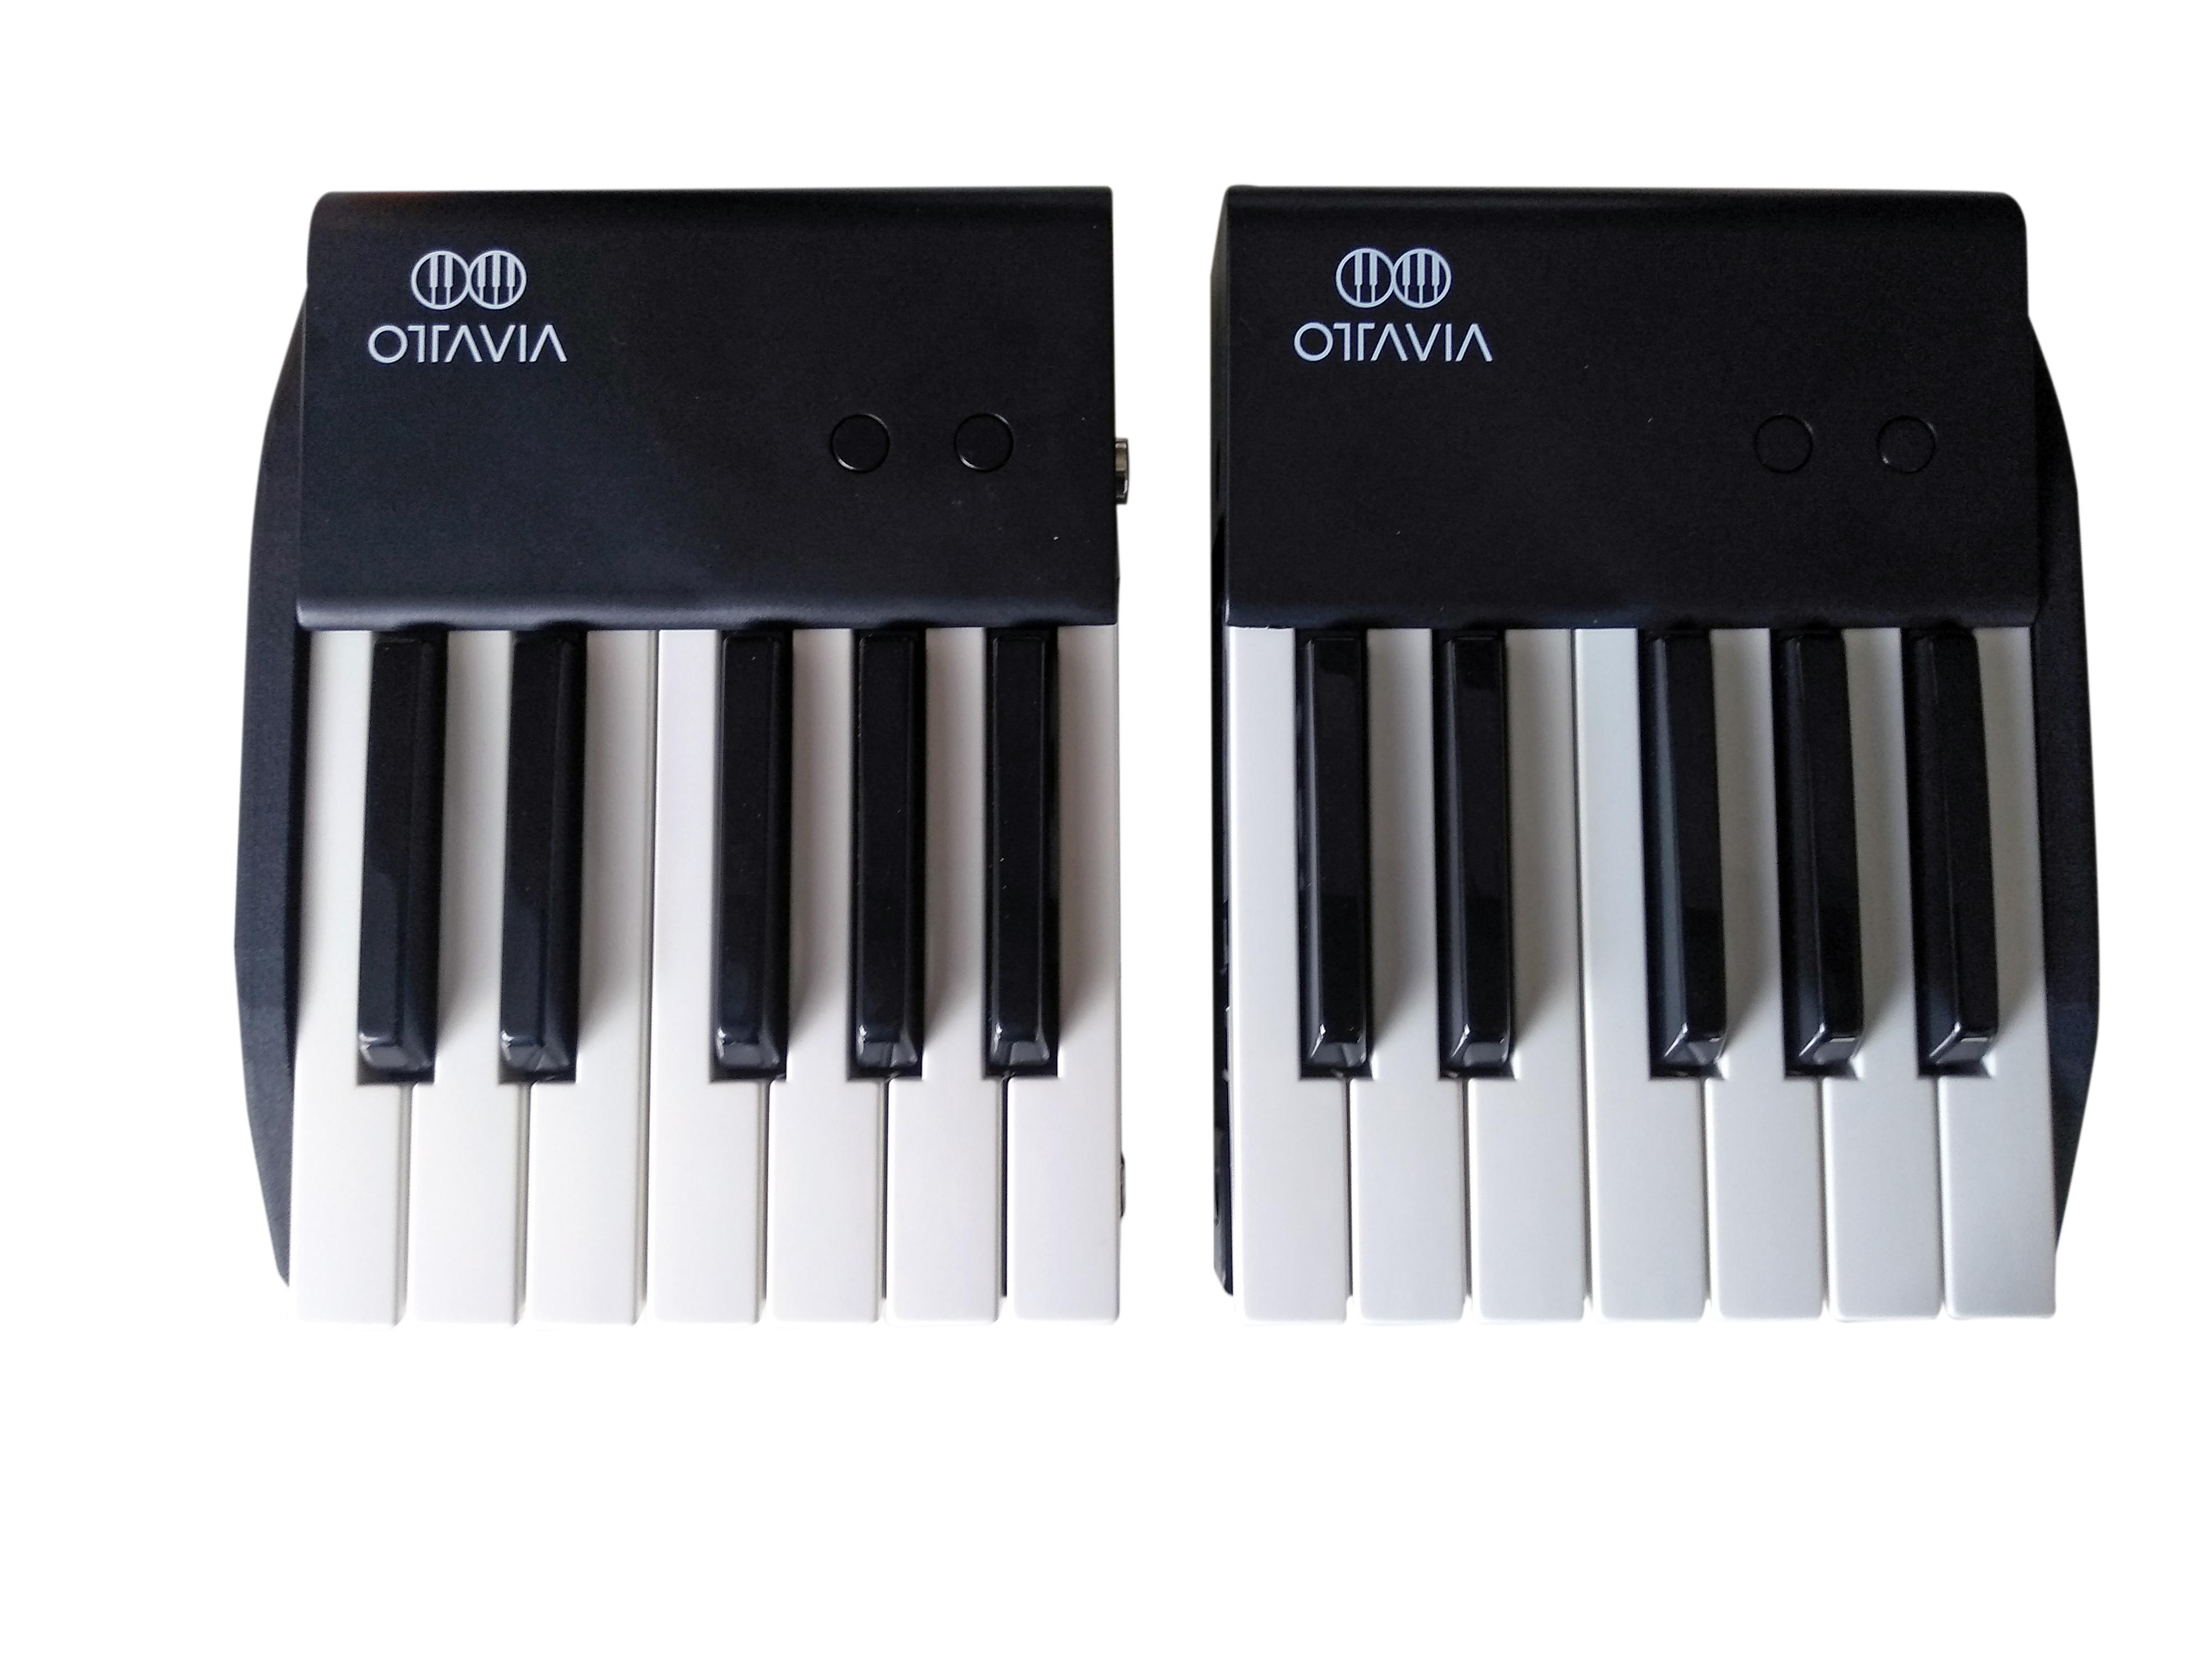 Ottavia - la tastiera di un'ottava